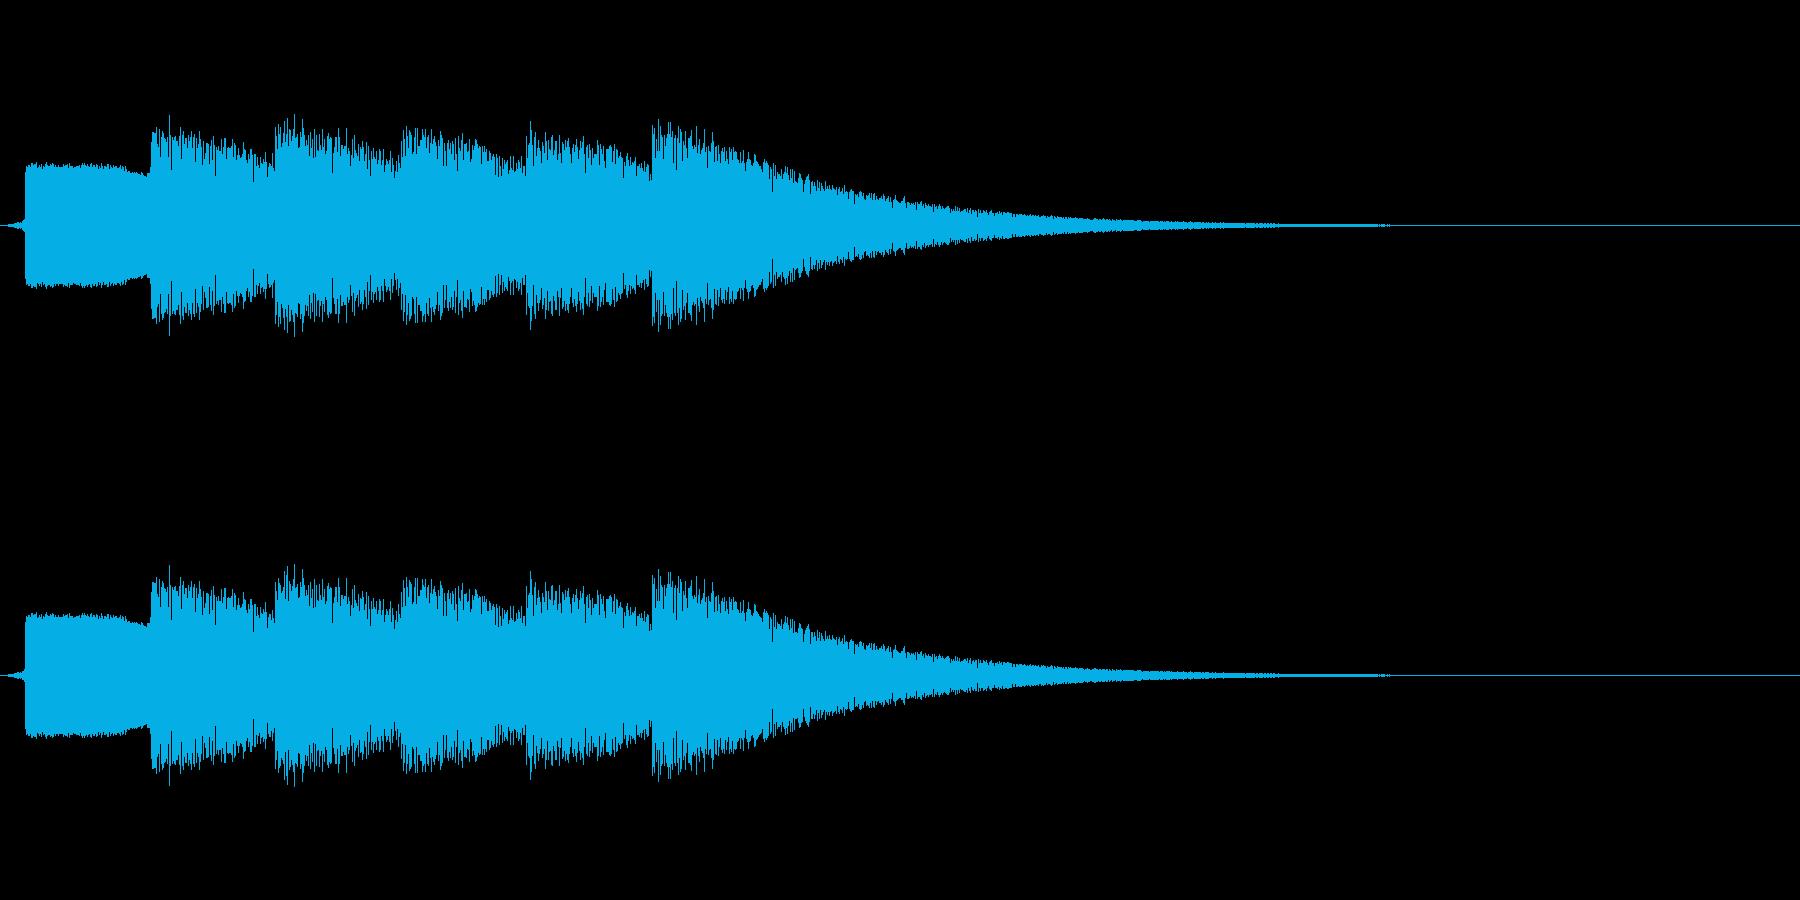 ピンポンピンポンピンポン(正解)の再生済みの波形